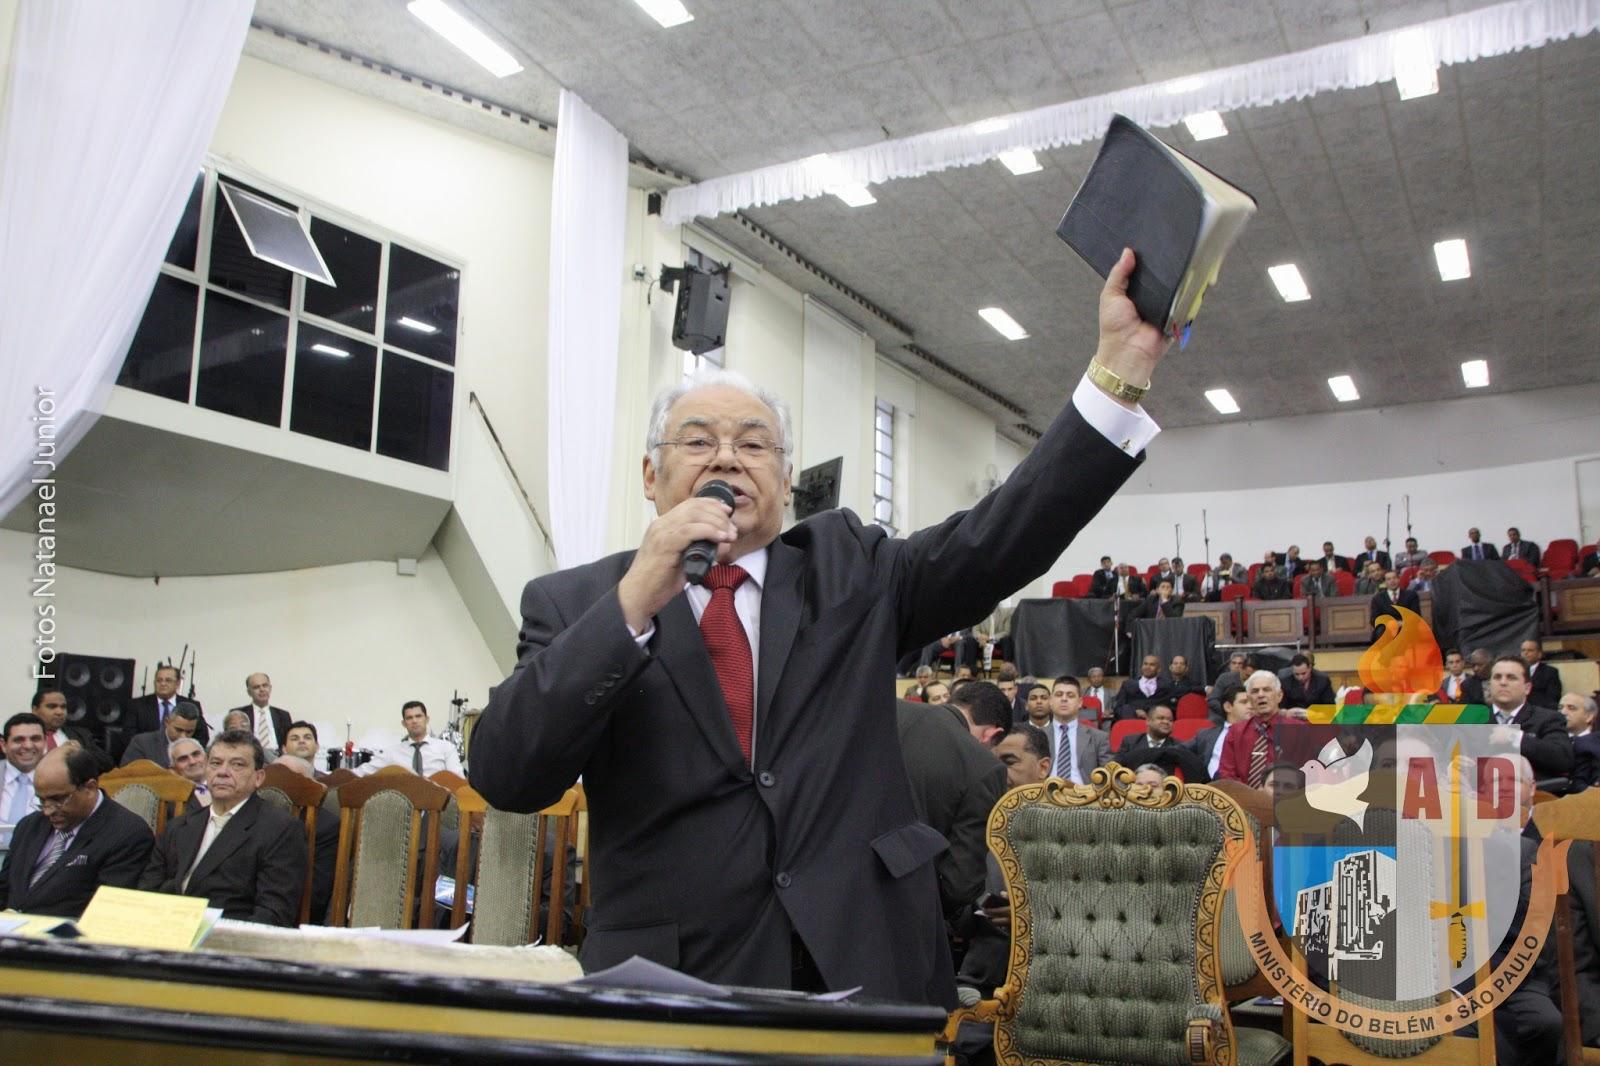 Pastor Wellington Junior: Liderança da AD em São Paulo se reúne no  #9A7131 1600x1066